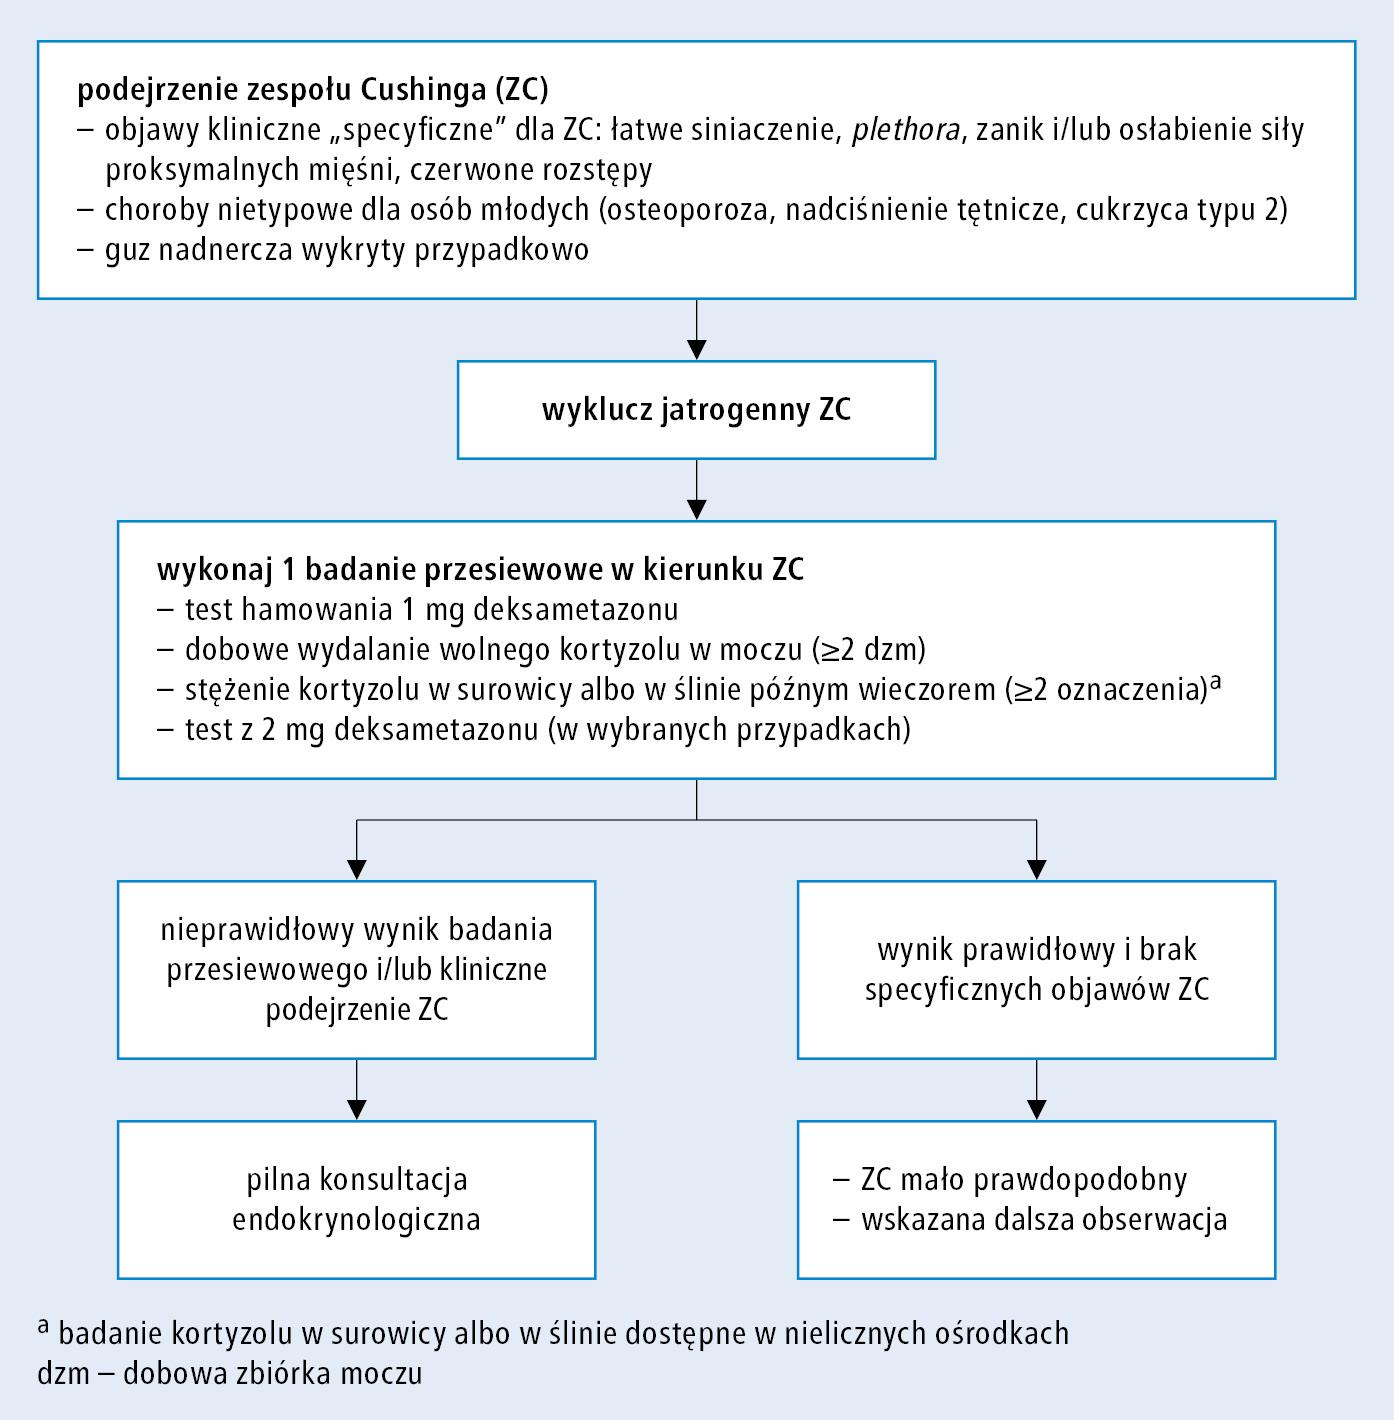 Zespół Cushinga Choroby Nadnerczy Choroby Podręcznik Interna